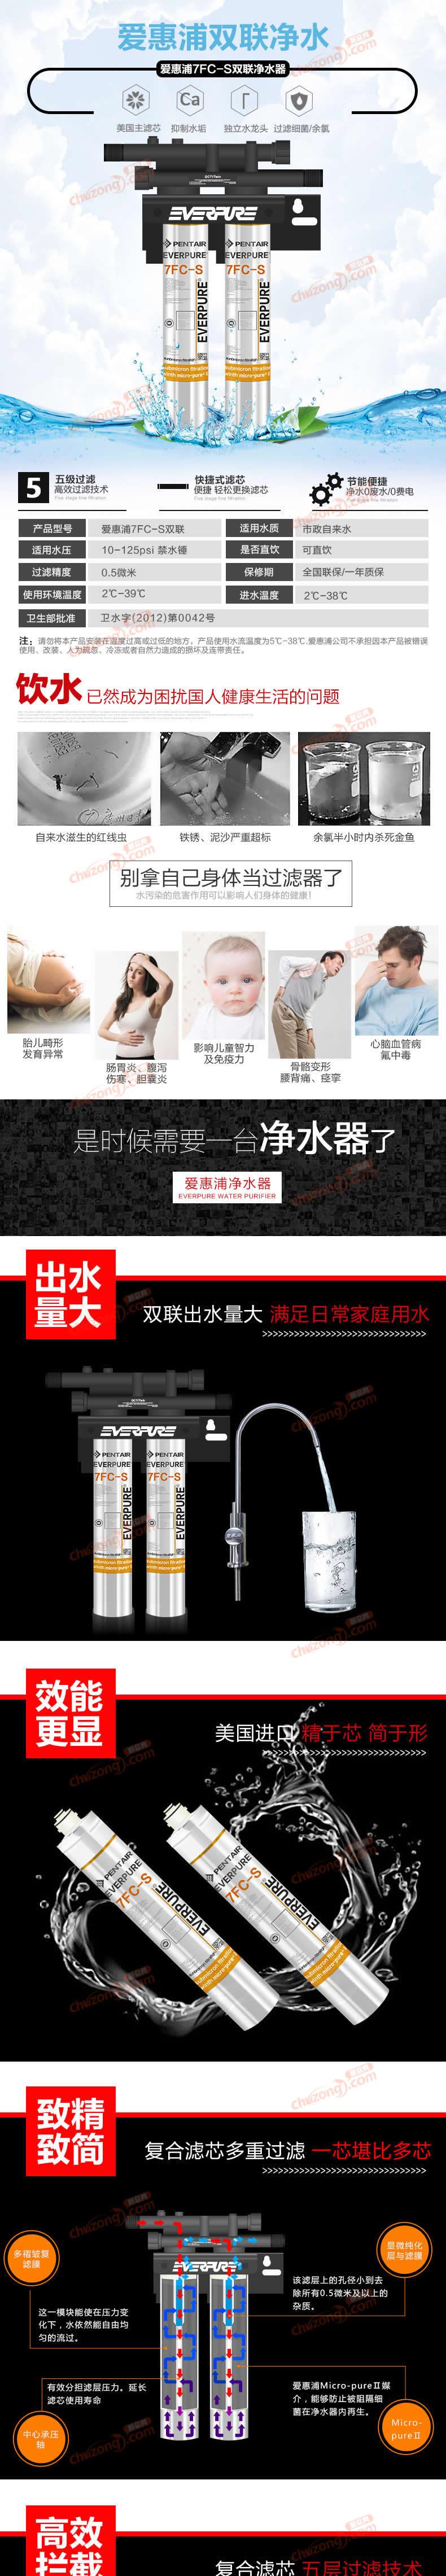 爱惠浦商用自来水过滤器图片